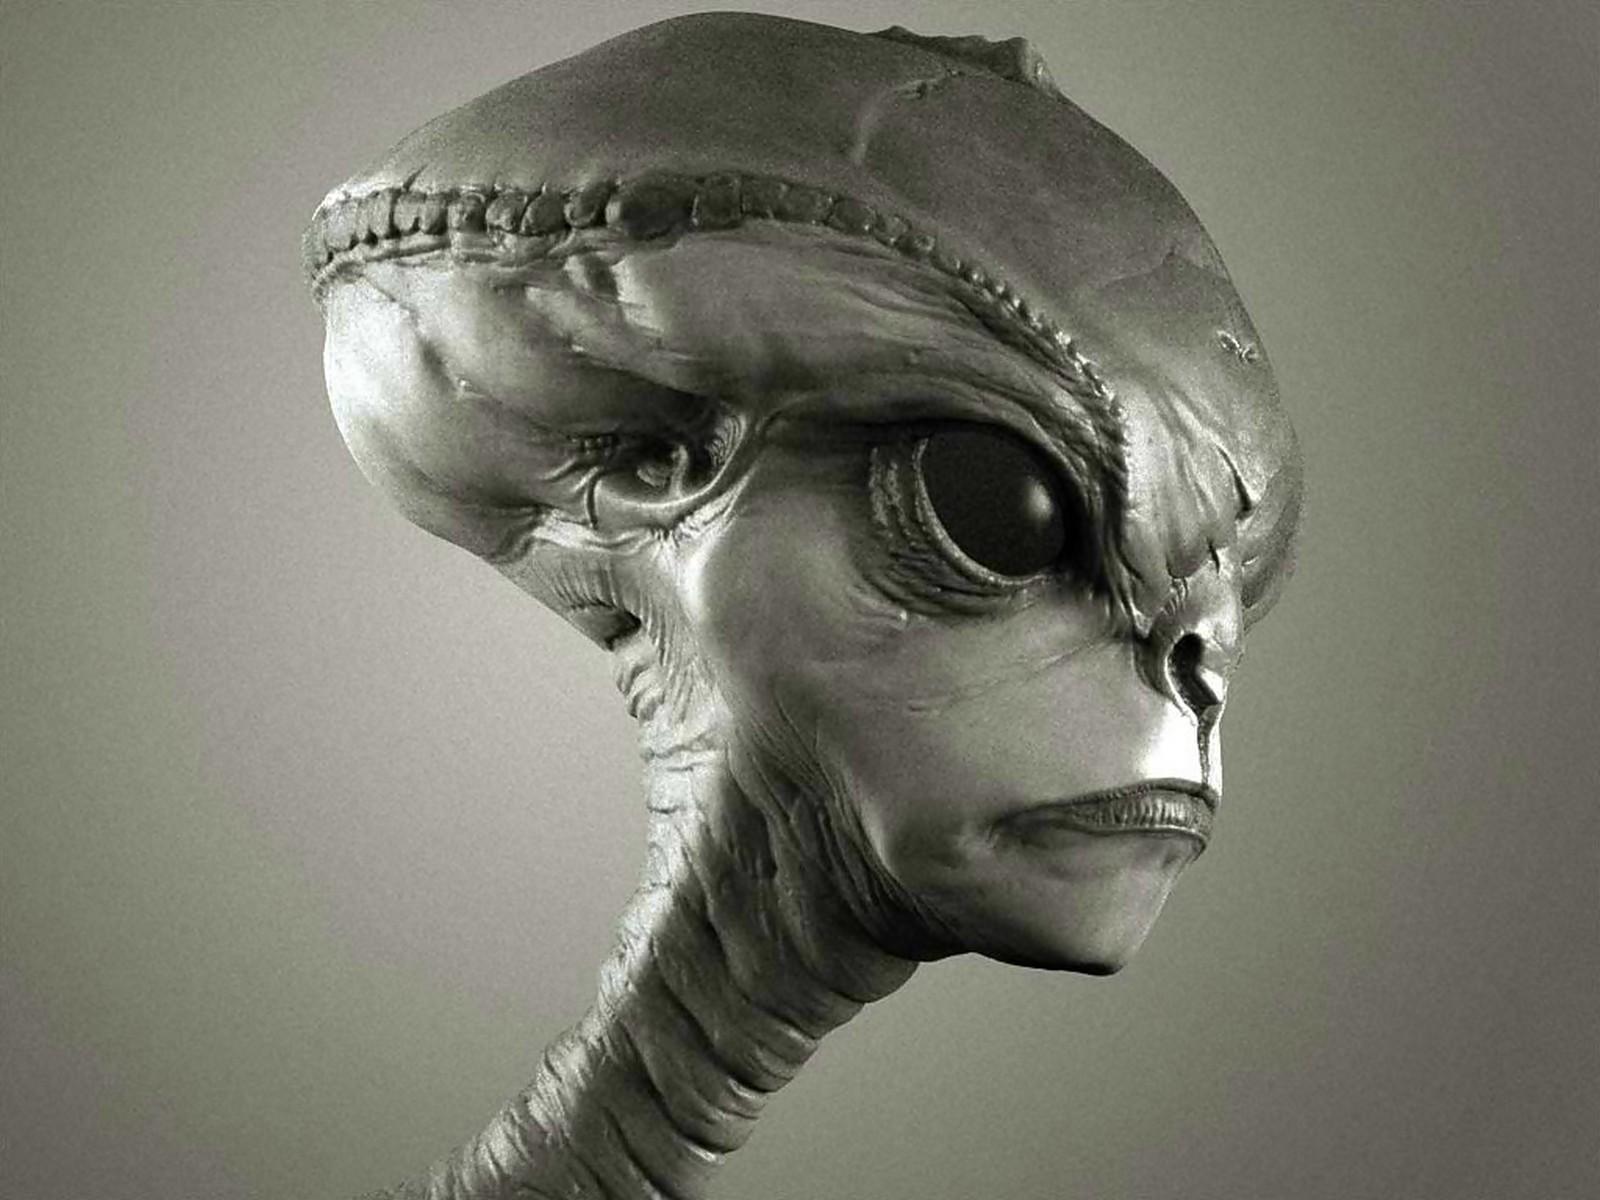 голова пришельца, инопланетянин, скачать фото, обои для рабочего стола